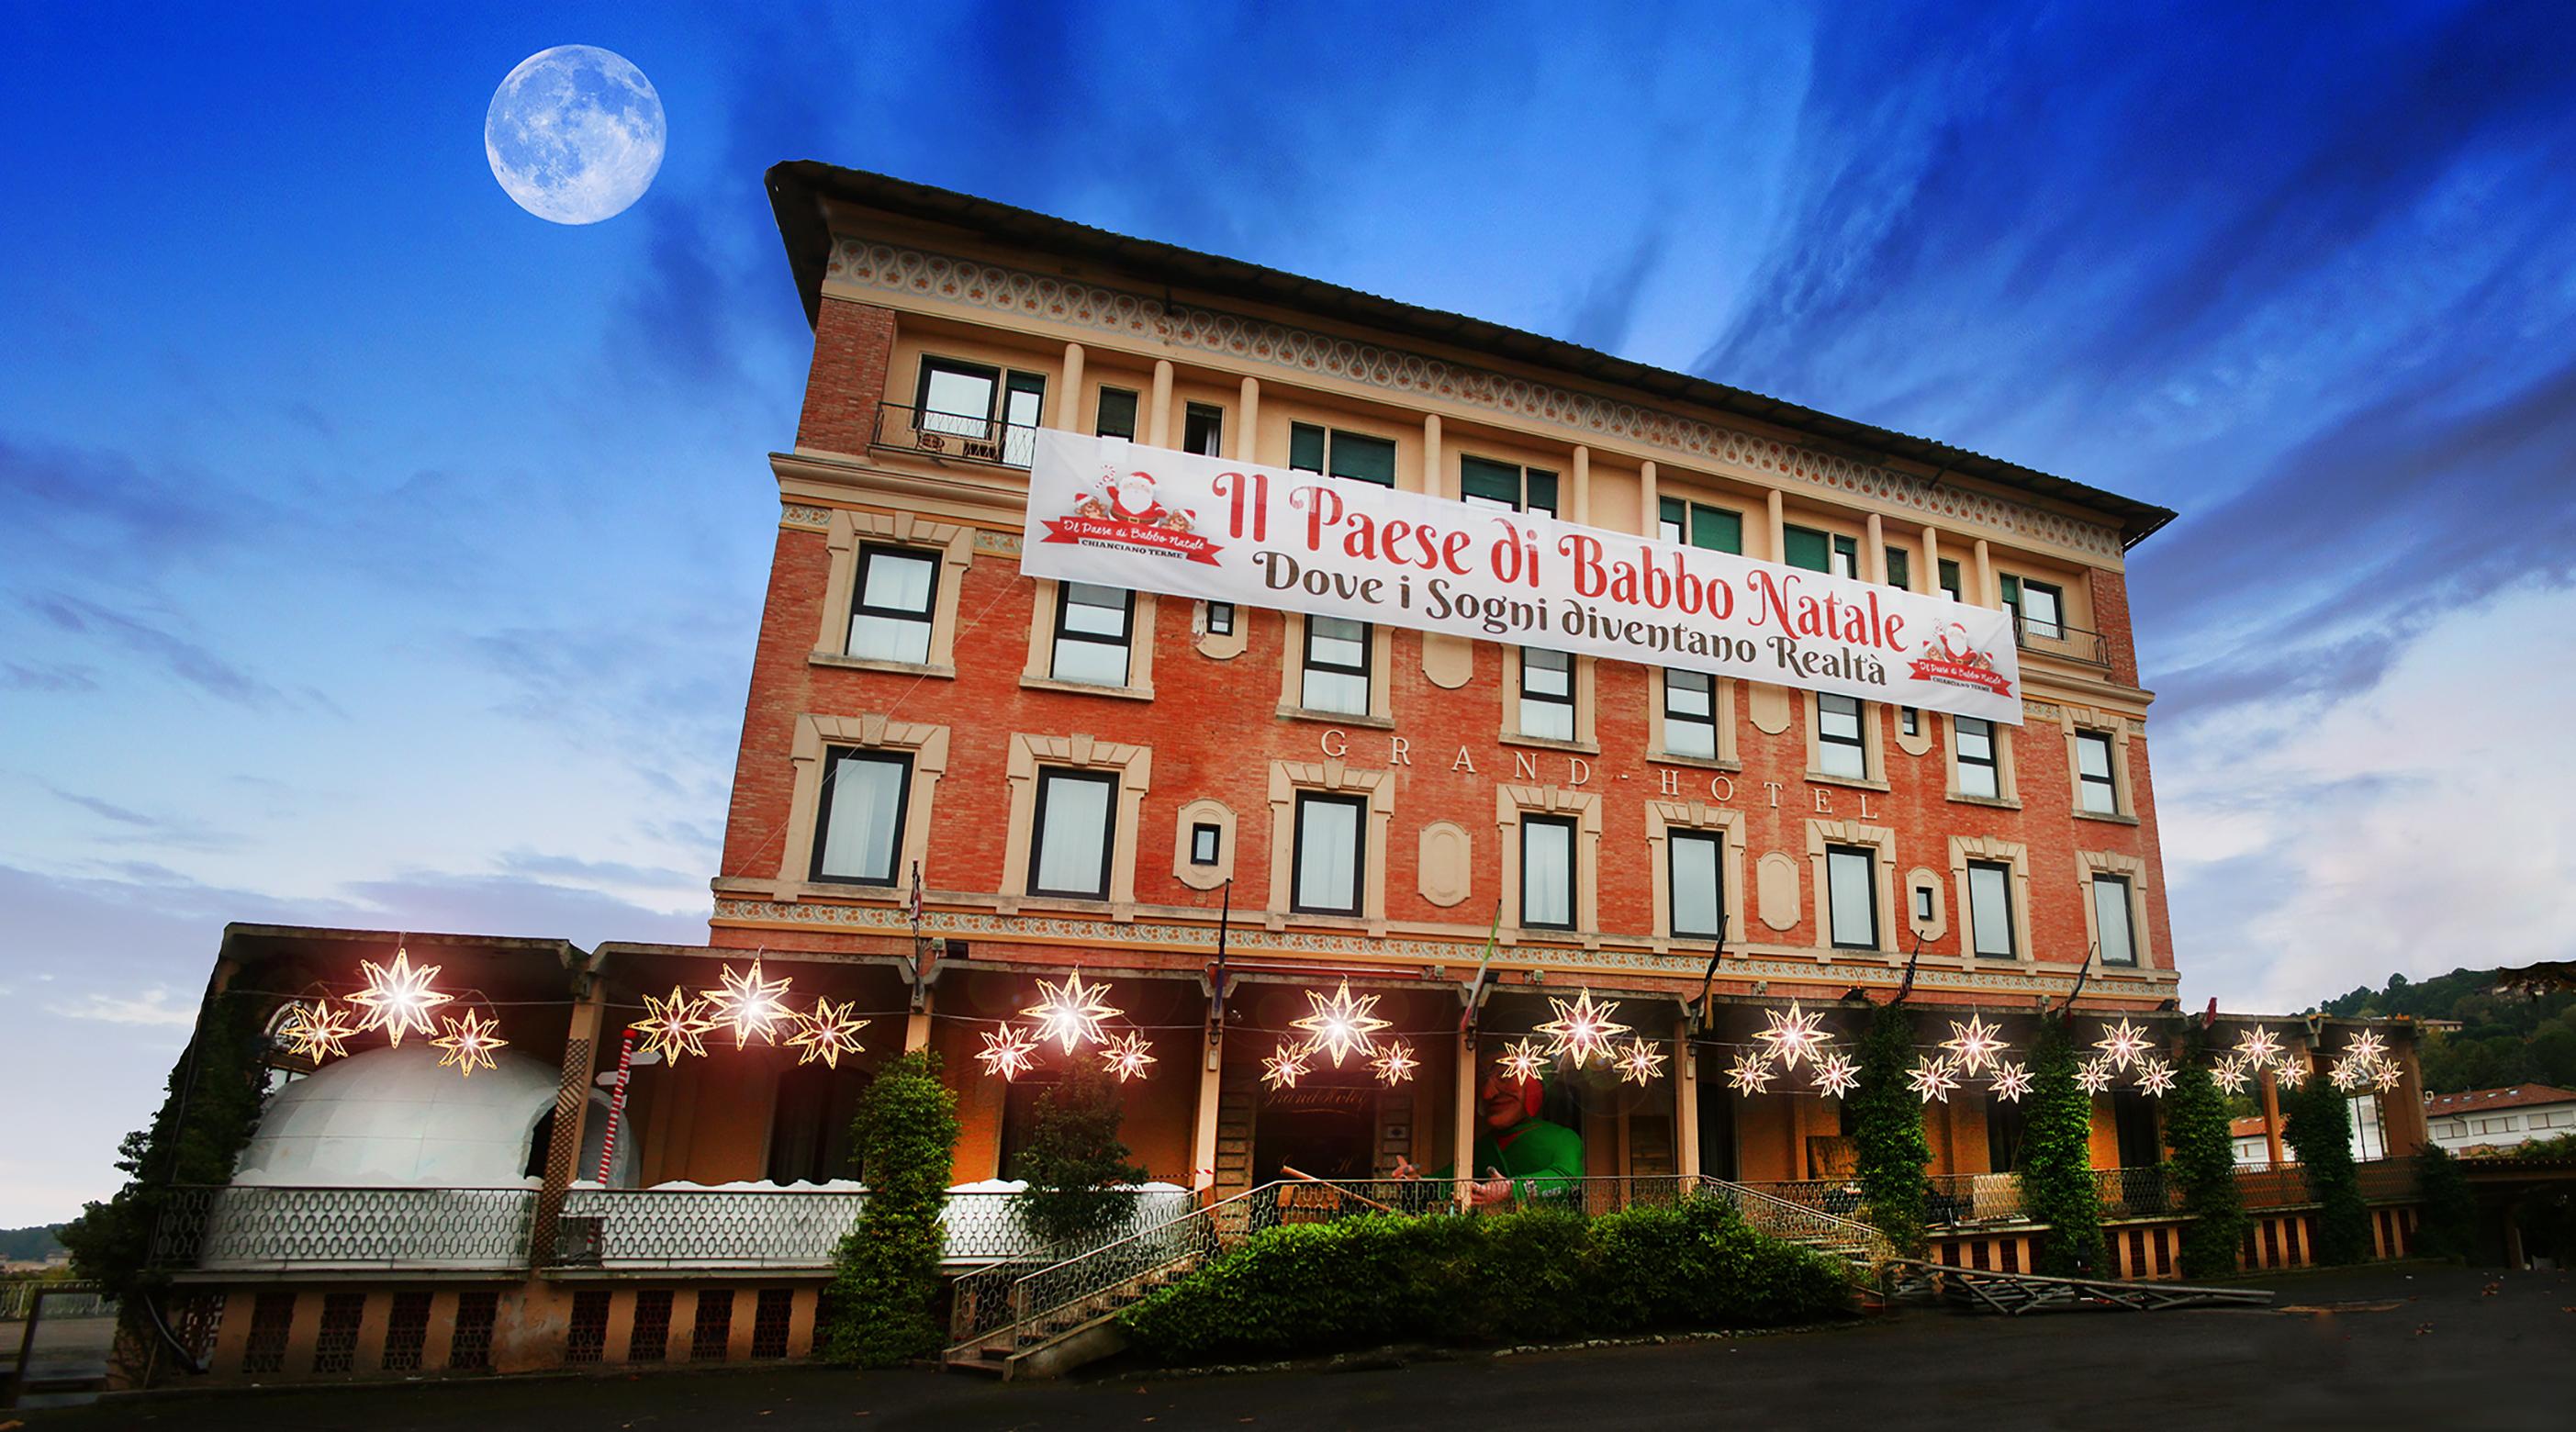 Casa Di Babbo Natale Chianciano.Babbo Natale Abita A Chianciano Terme Siena News